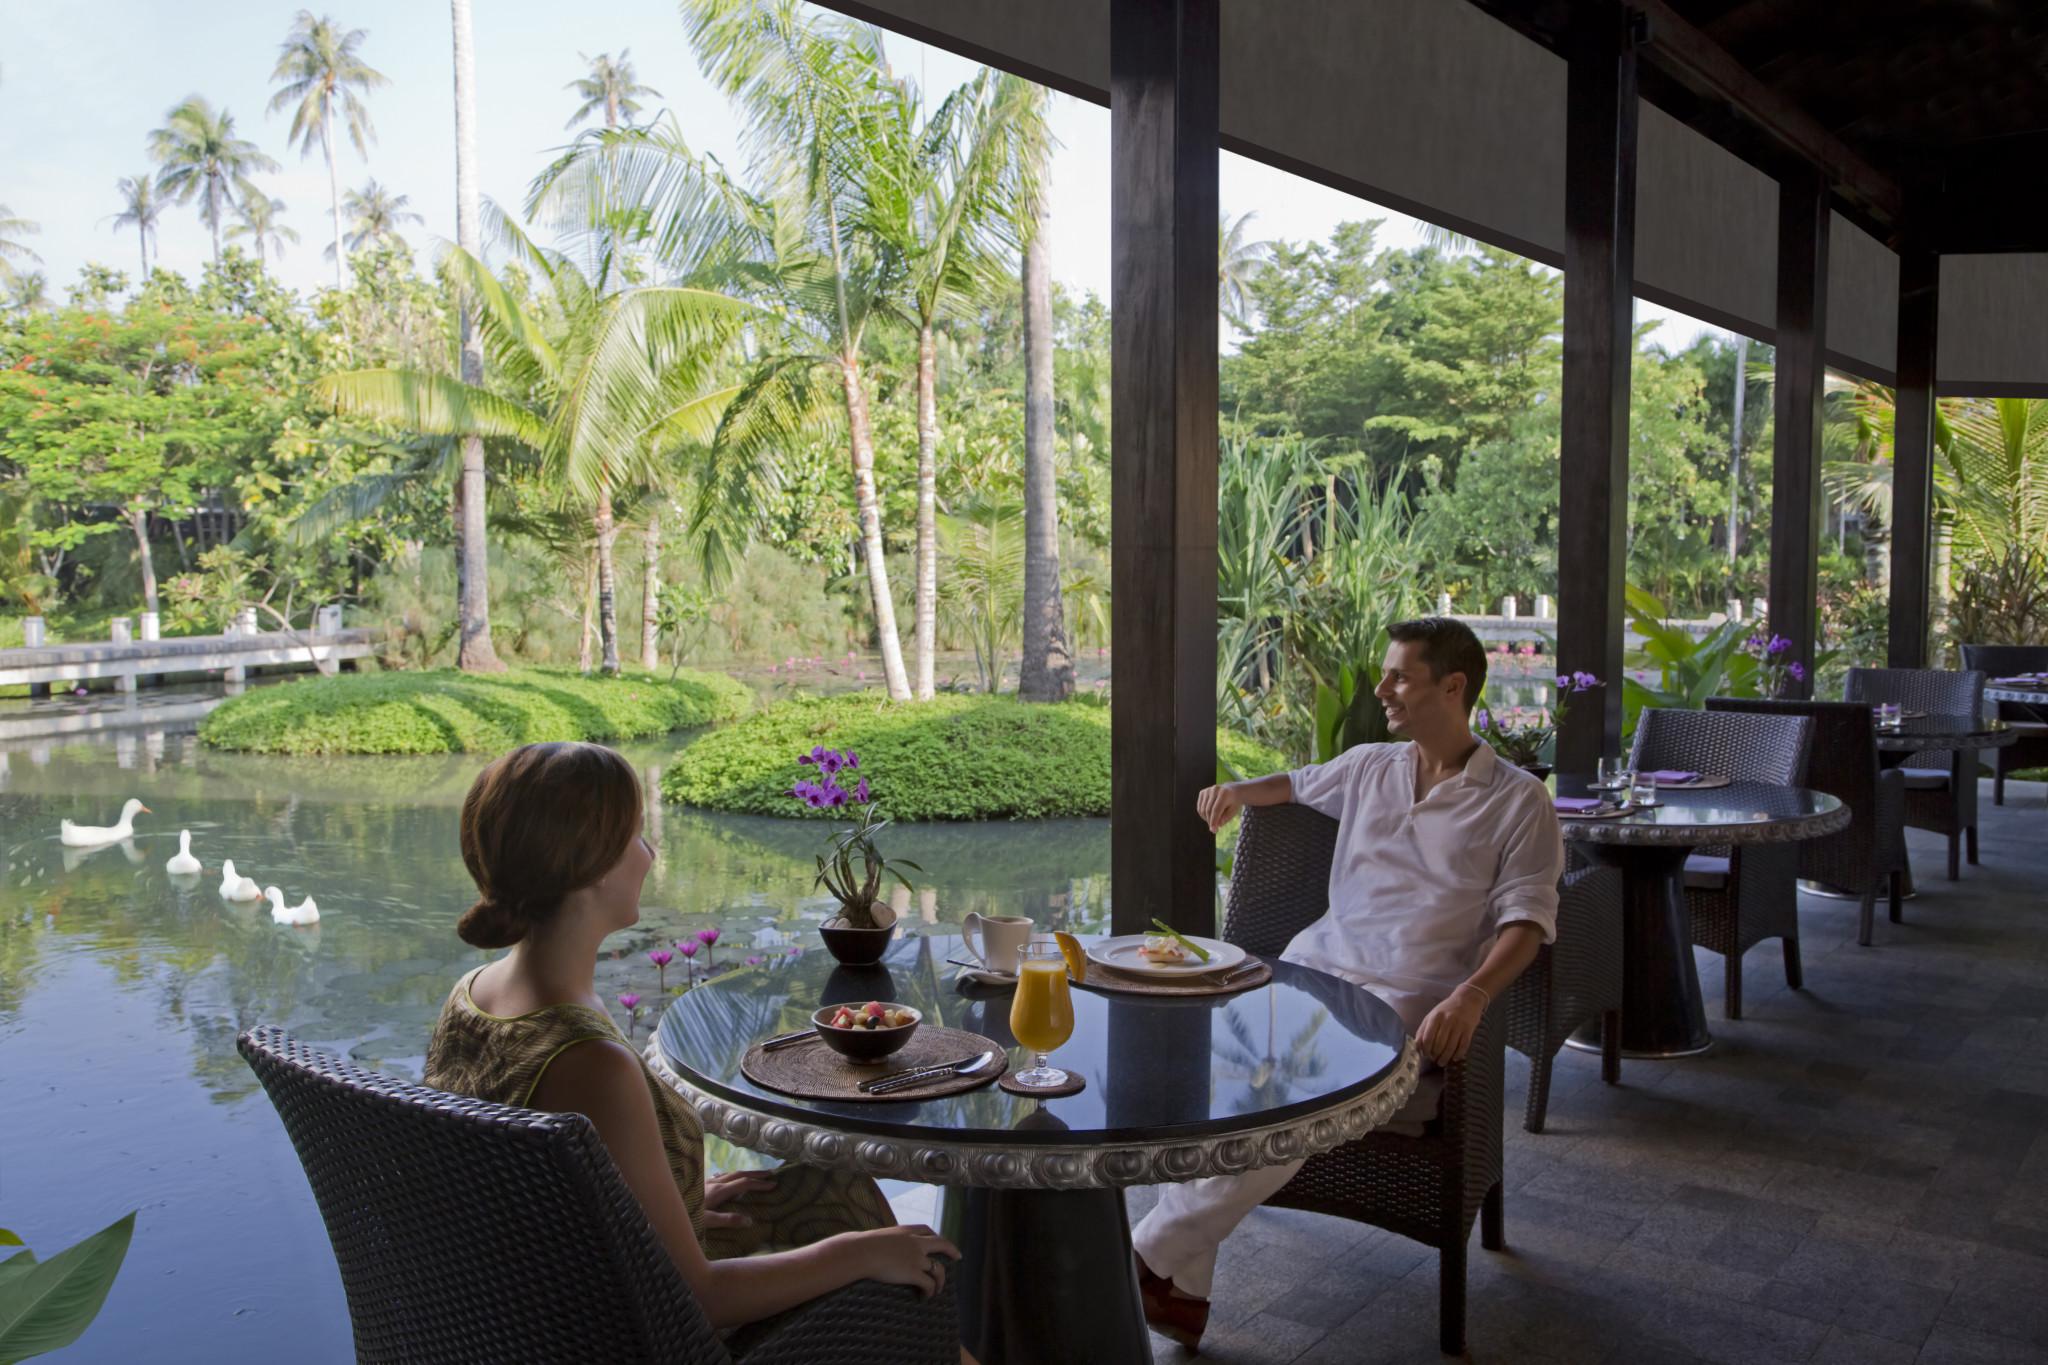 APK_66616598_La_Sala_Breakfast_By_The_Lagoon